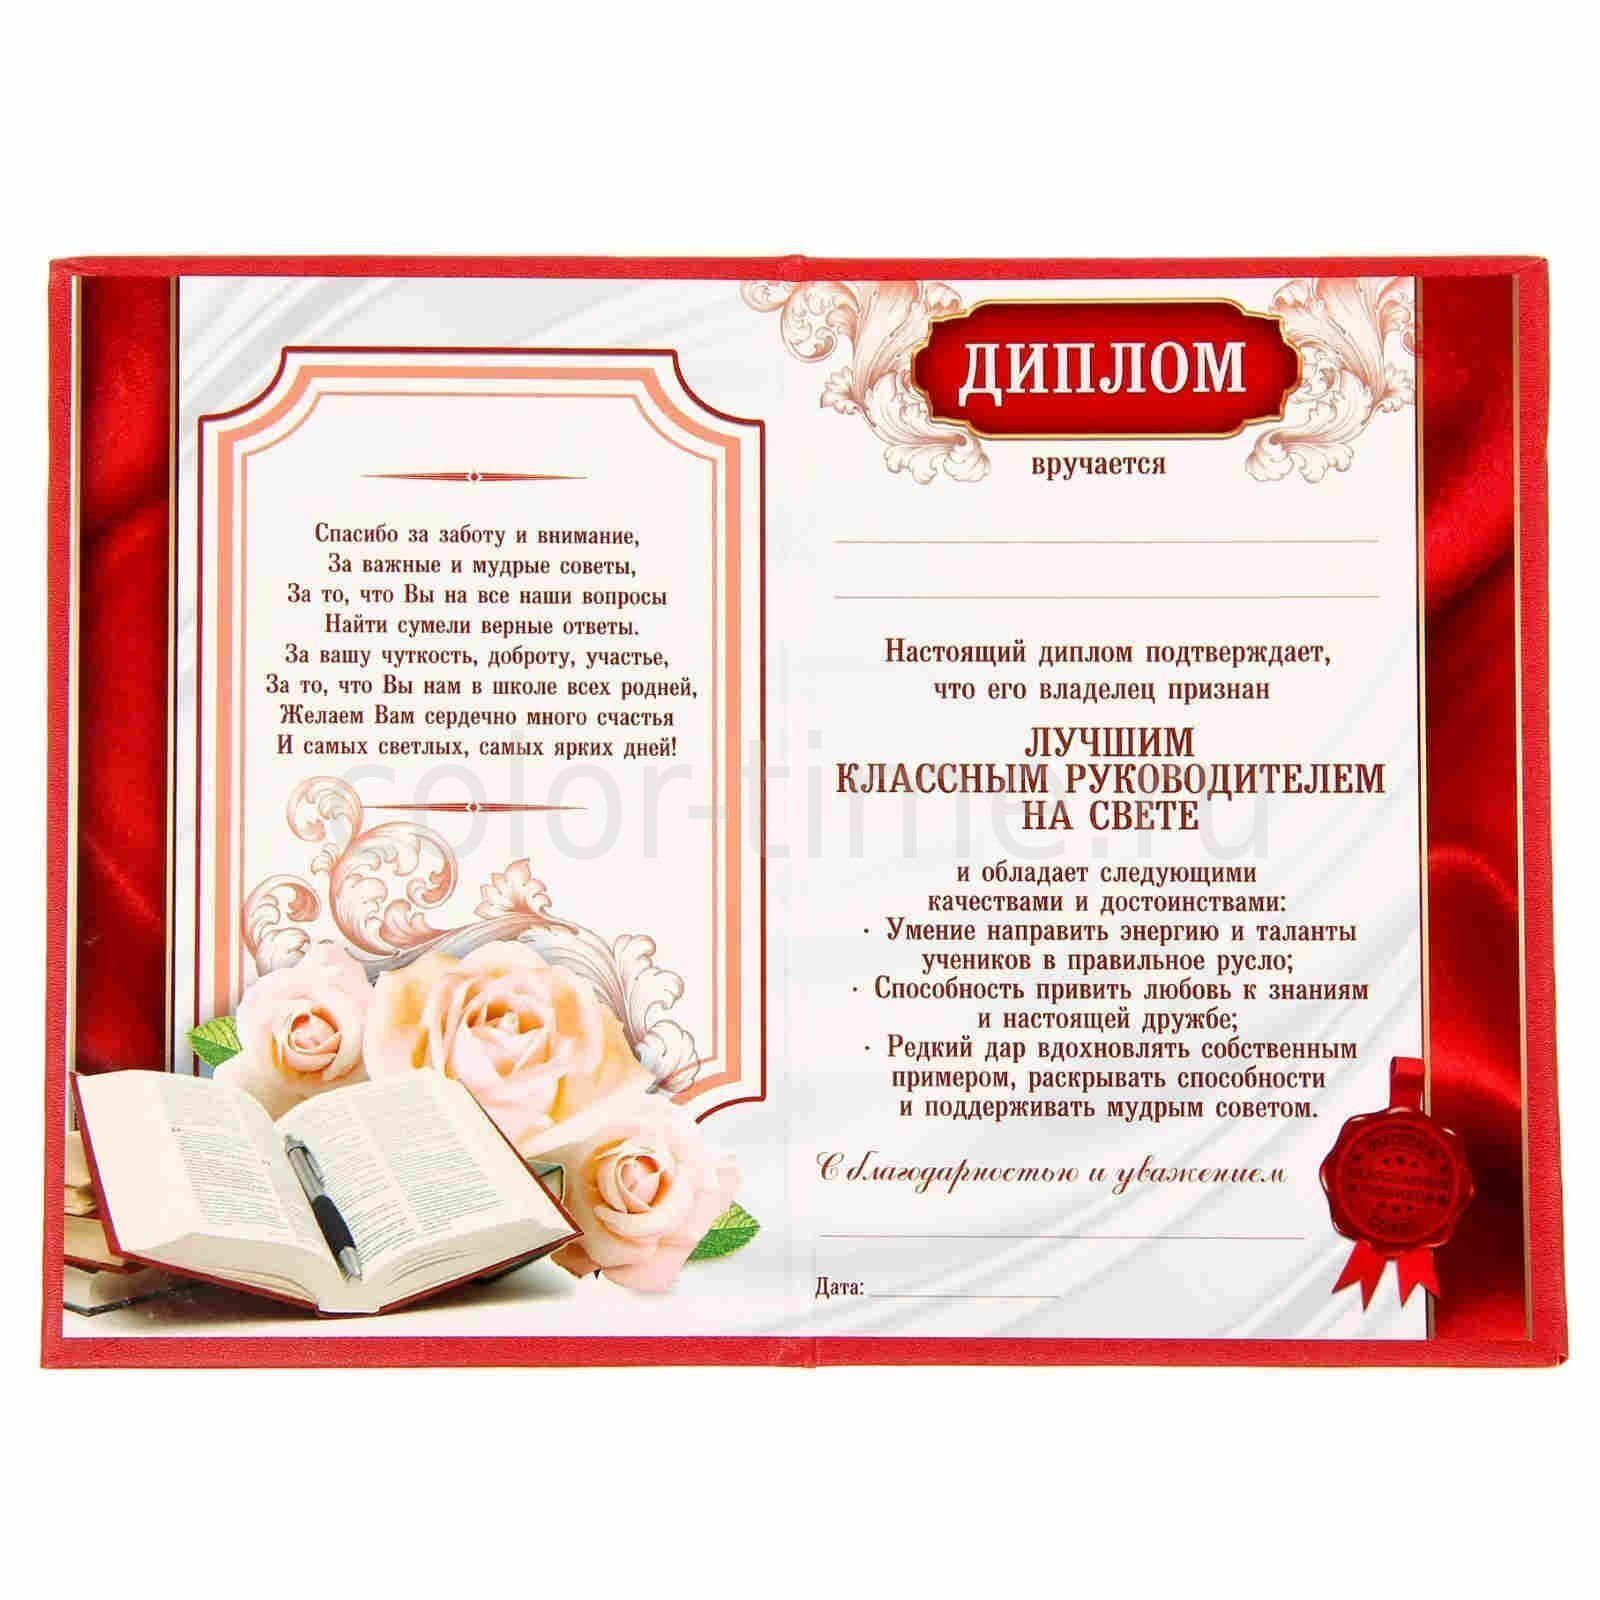 Поздравление и вручение дипломов